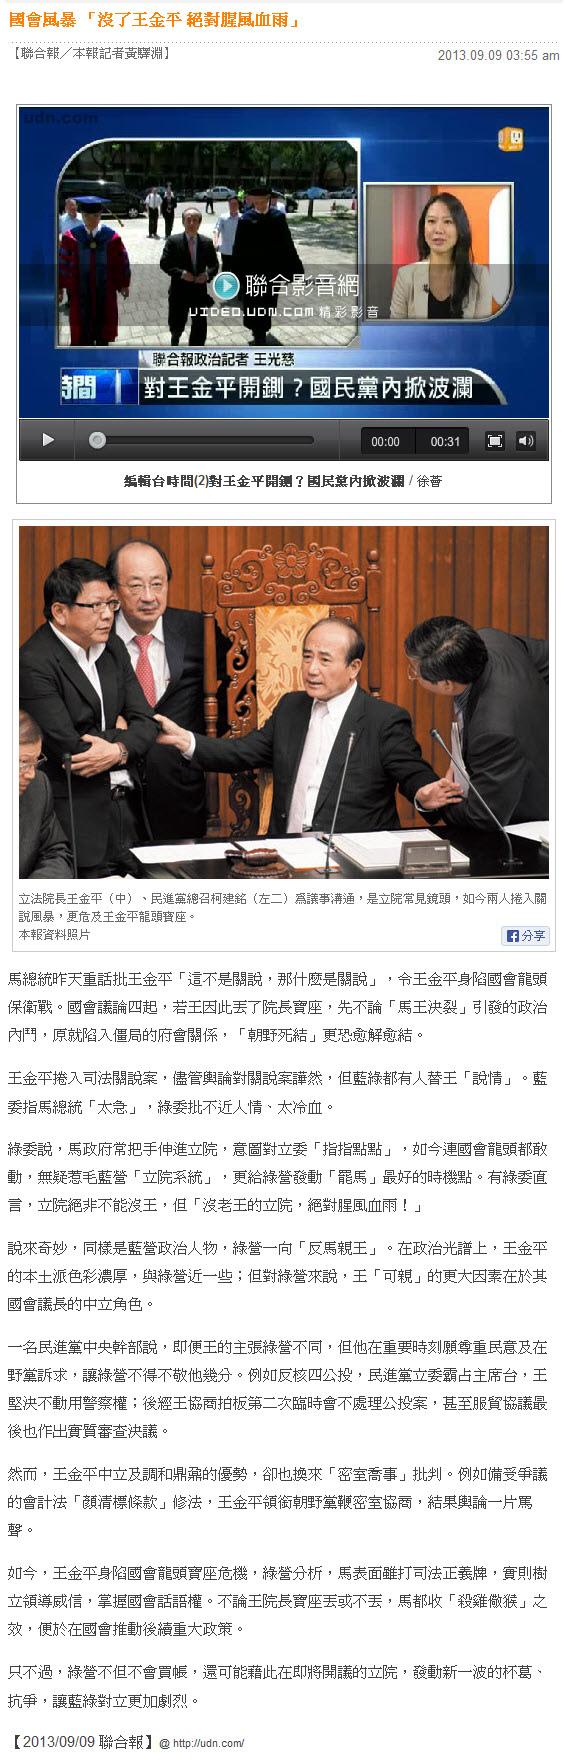 國會風暴 「沒了王金平 絕對腥風血雨」-2013.09.09.jpg